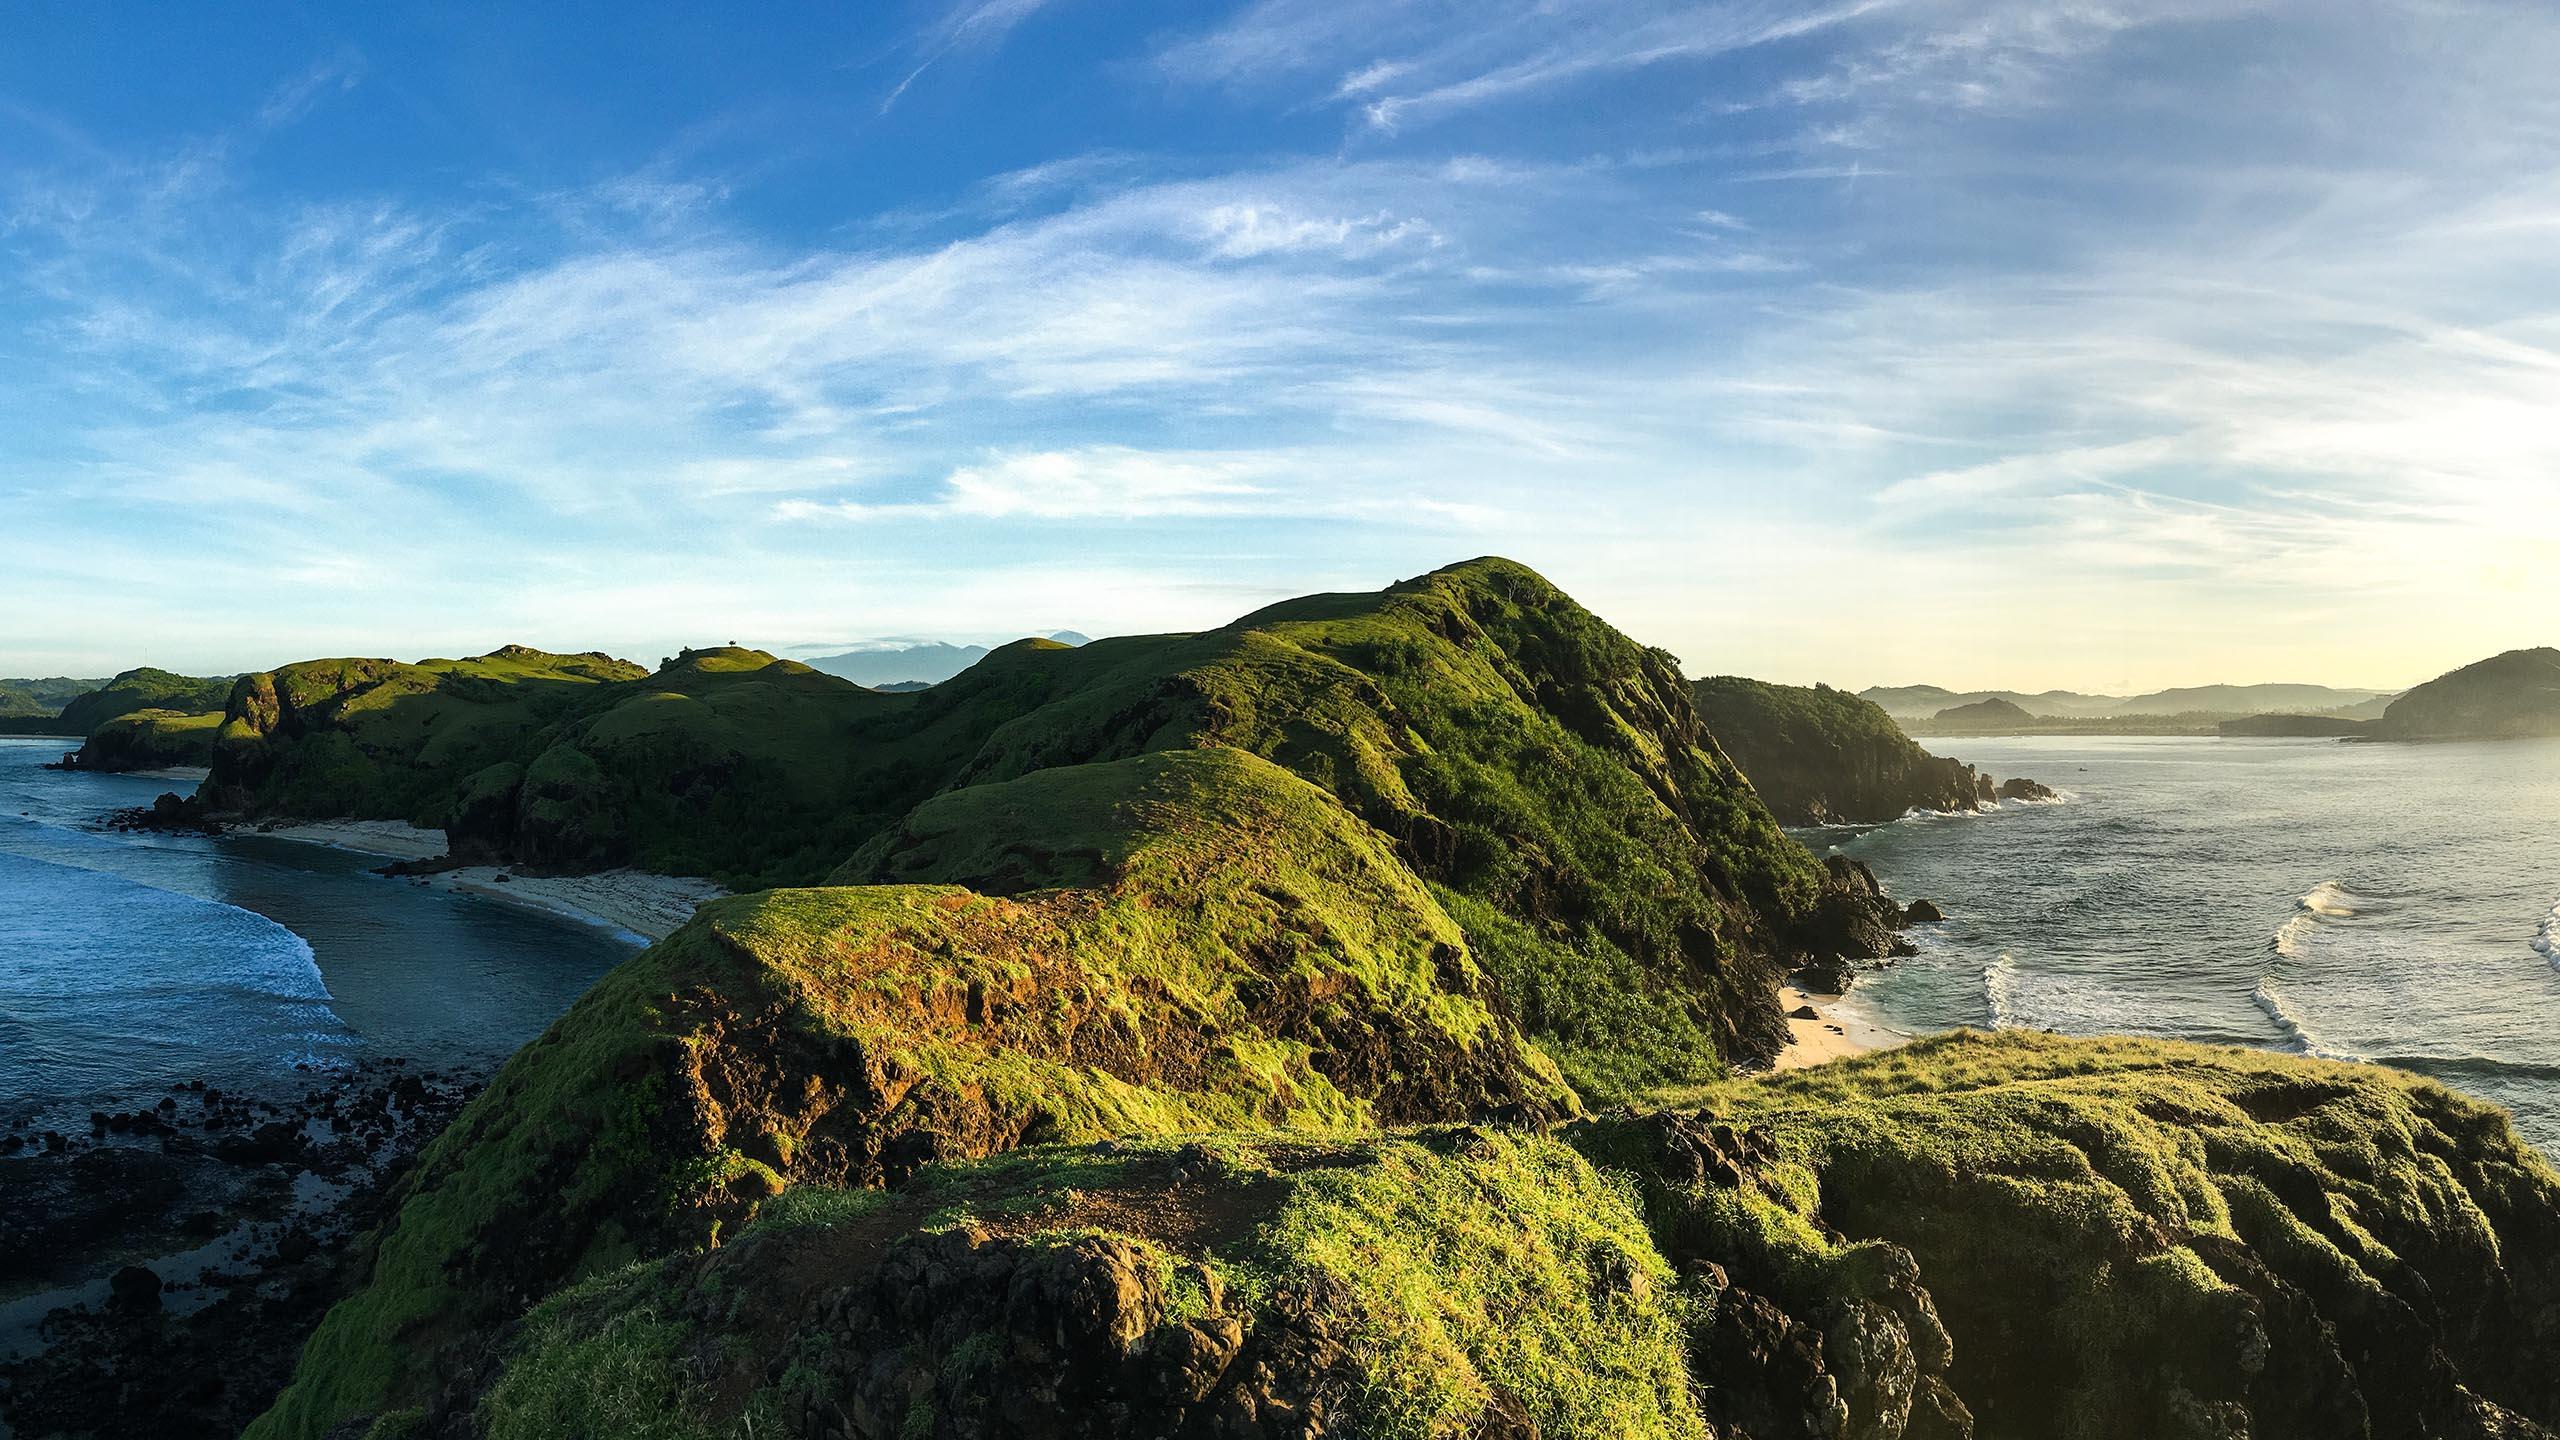 Mandara plage éco-tourisme indonésie